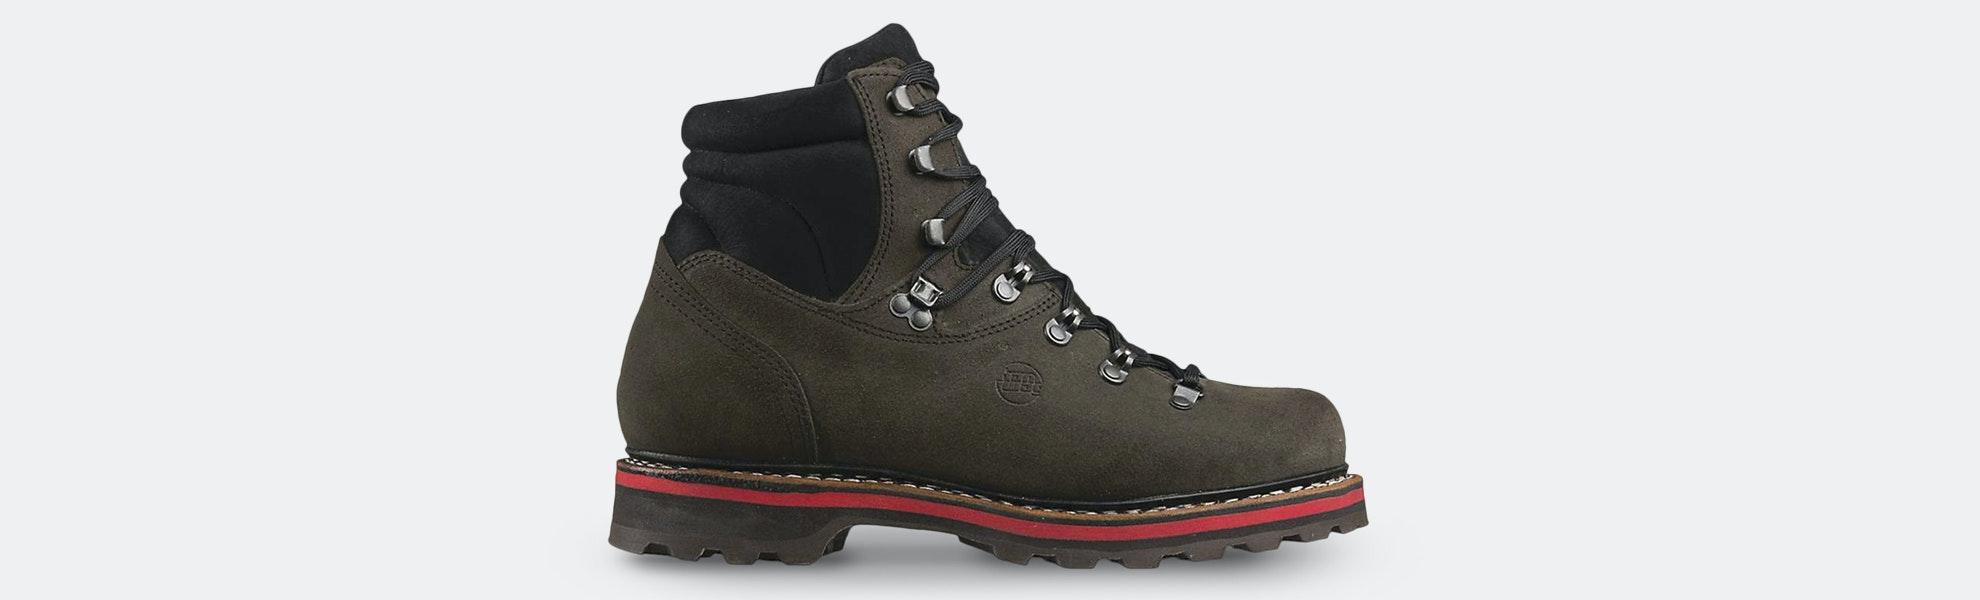 Hanwag Men's Stuiben Boots